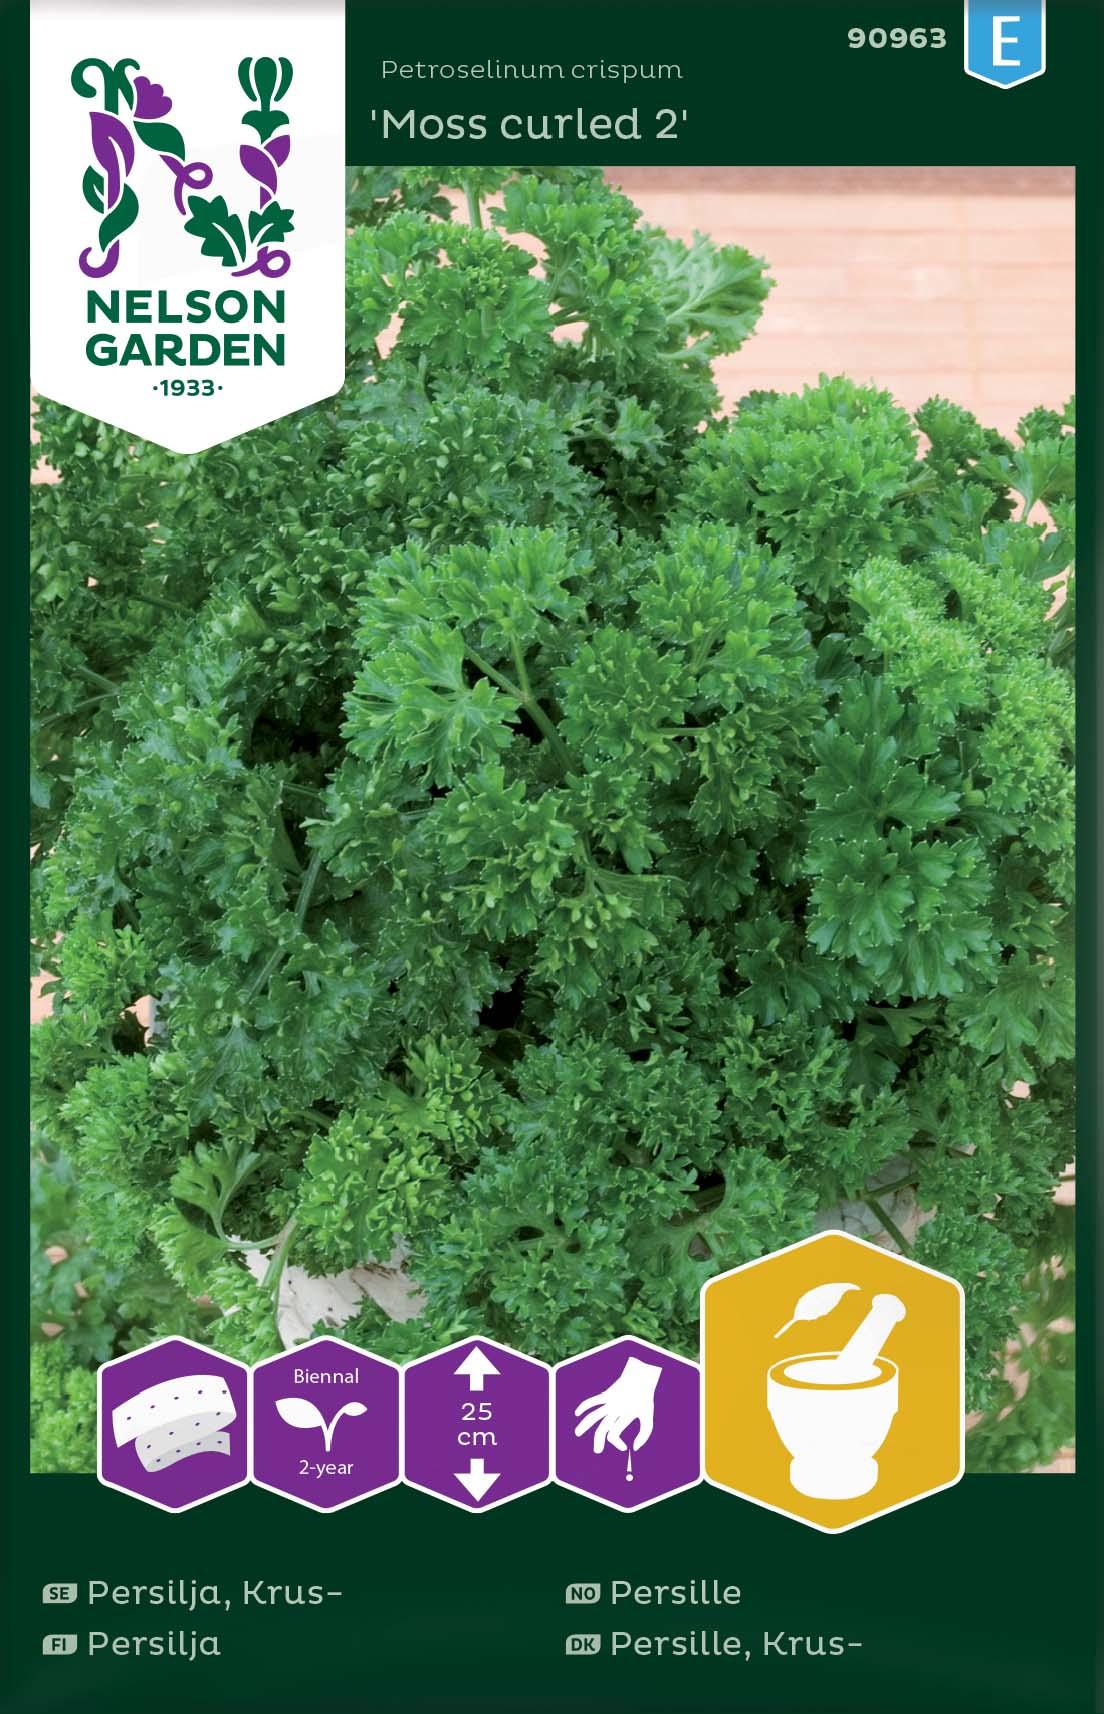 Produktbild på Kruspersilja 'Moss curled 2' såband